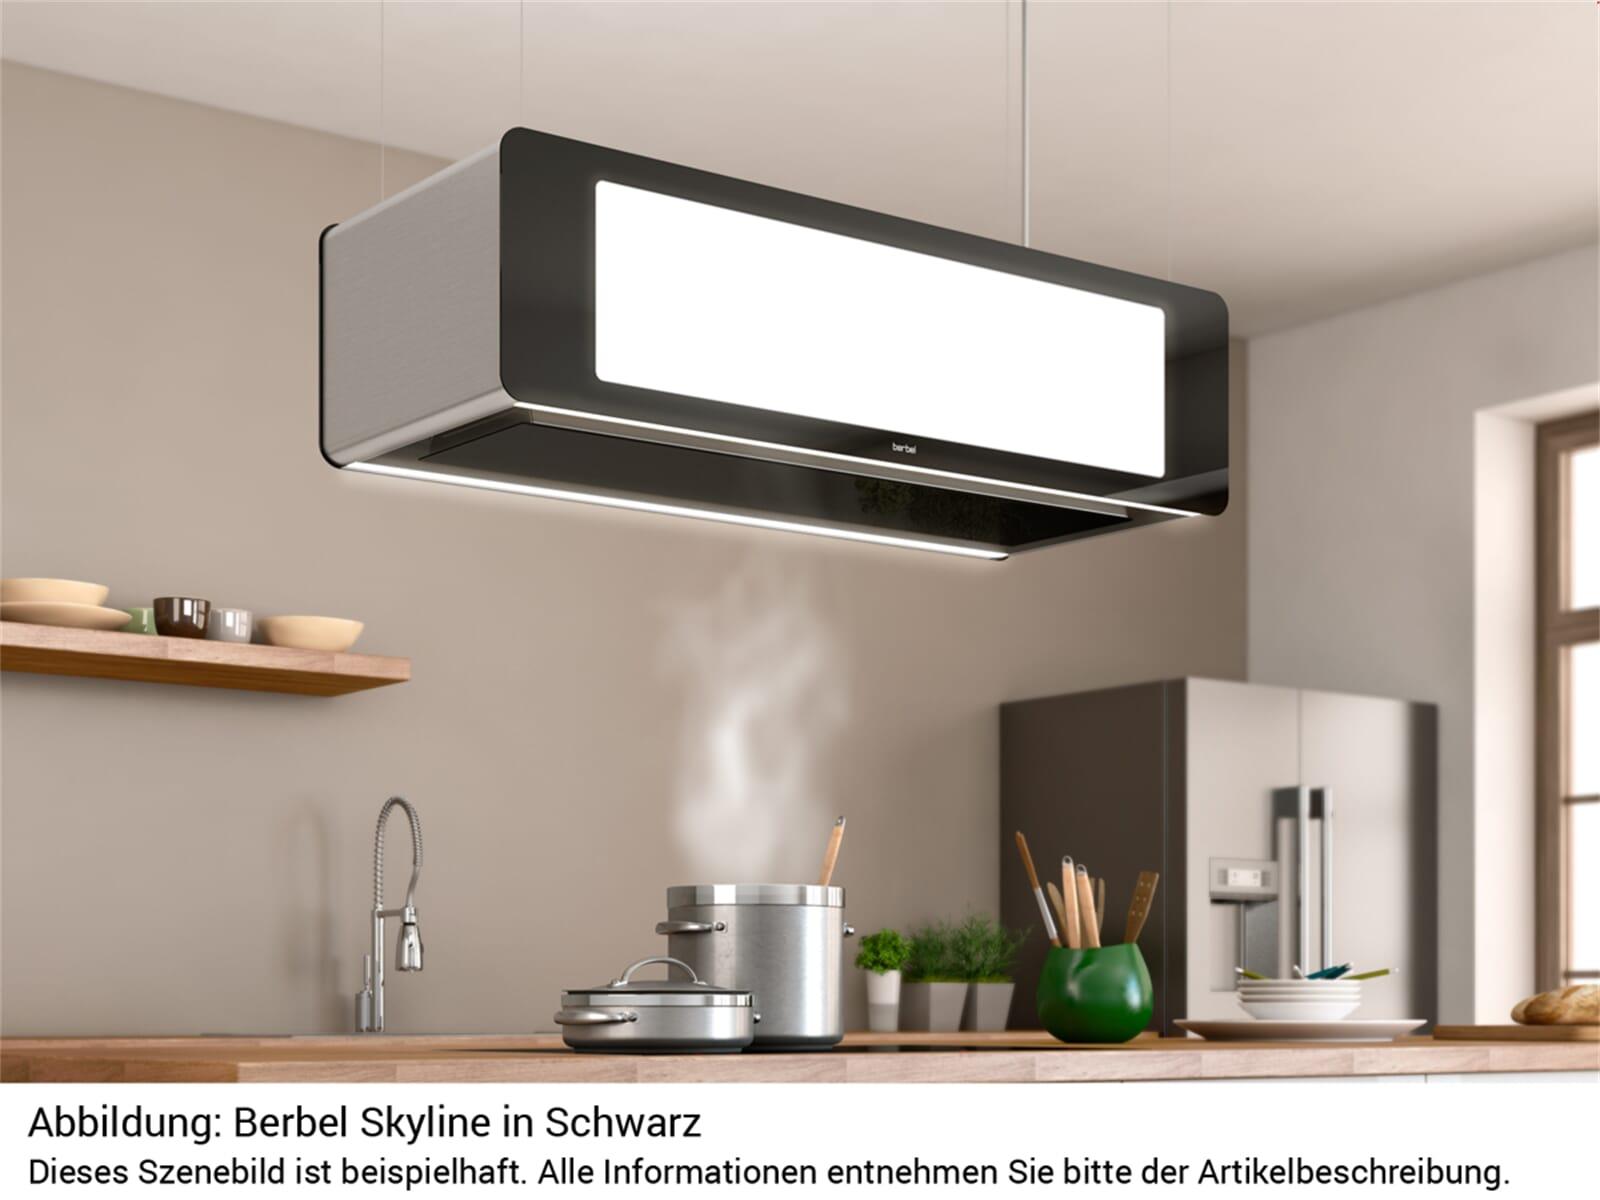 Berbel Skyline Set BDL 115 SK Deckenlifthaube Schwarz + BDL 115 SG Deckenanschluss Schwarz